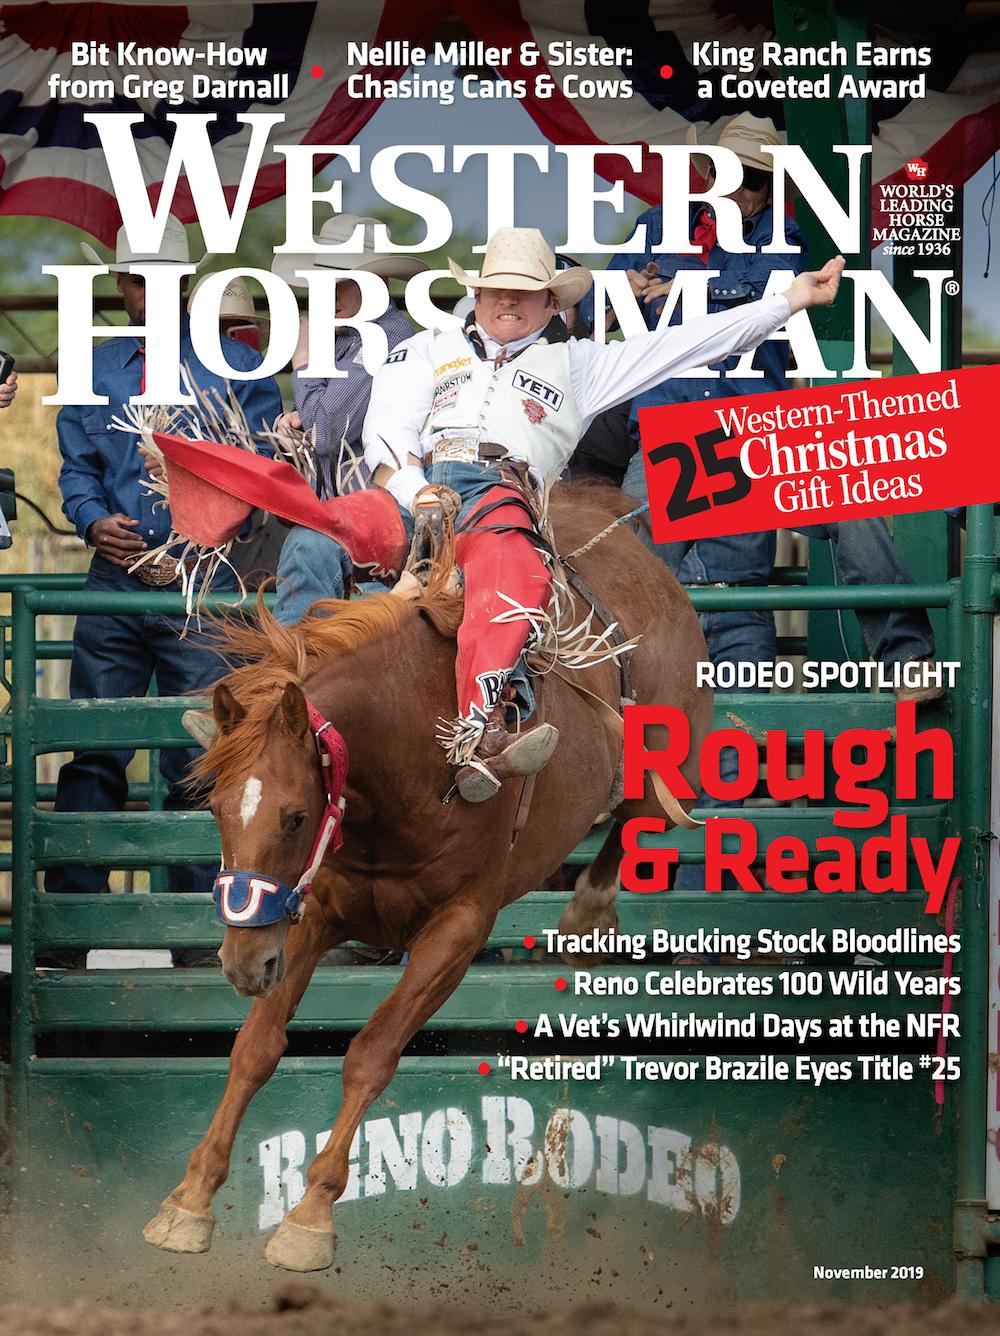 Western Horseman magazine November 2019 cover